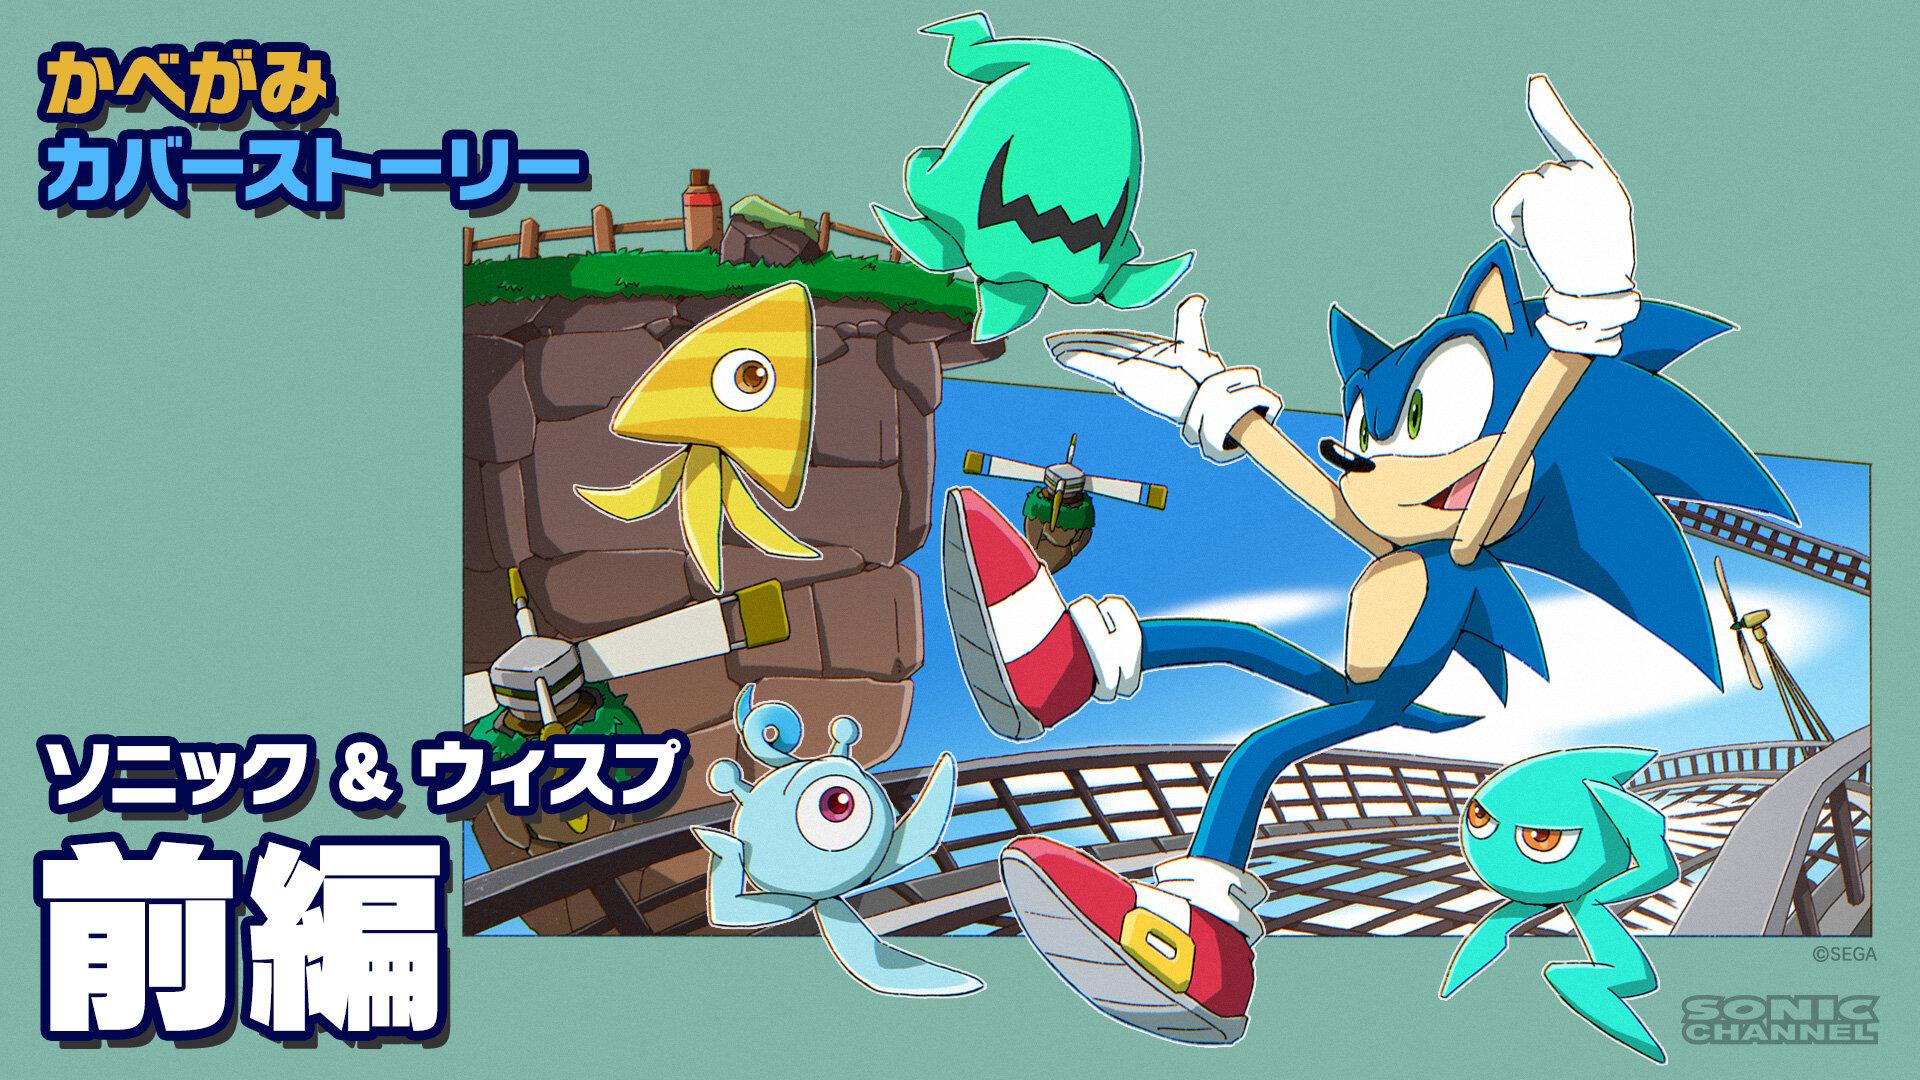 https://sonic.sega.jp/SonicChannel/special/image/coverstory_210827_01_eye.jpg